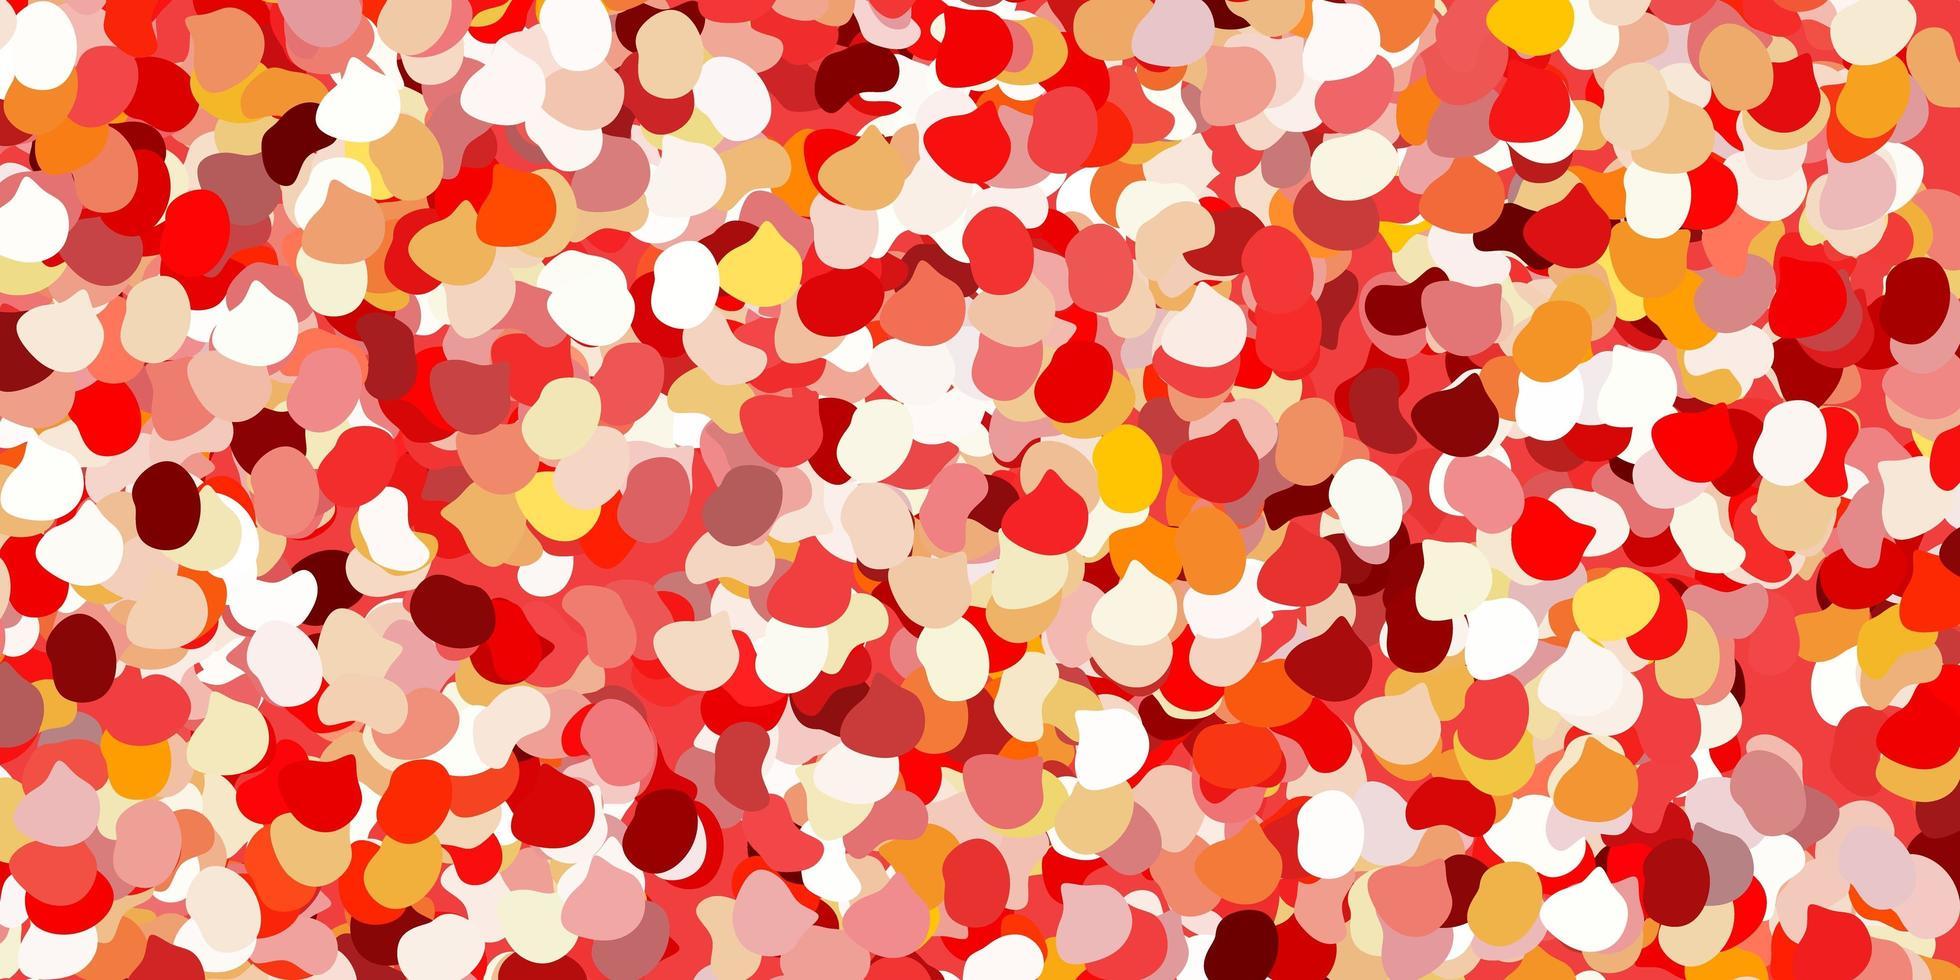 lichtrood, geel vectormalplaatje met abstracte vormen. vector